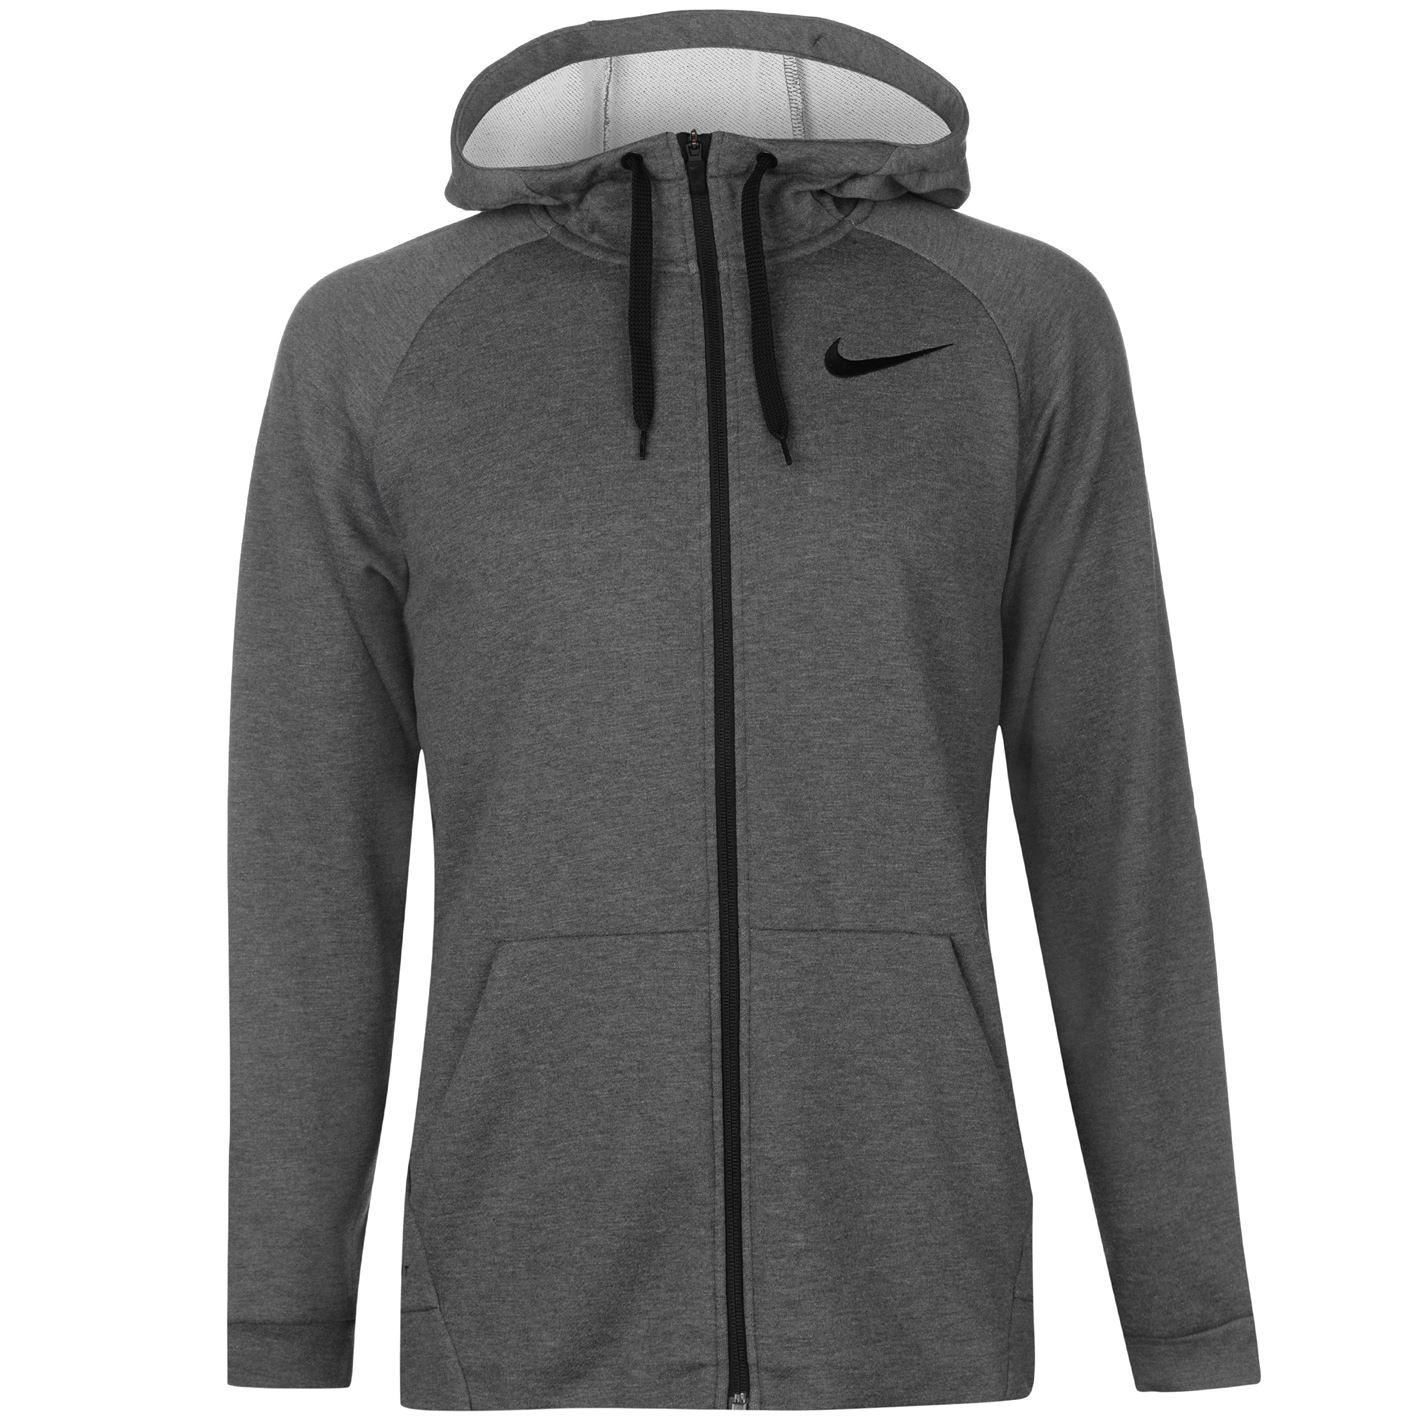 Nike Dry Zip Hoody Mens